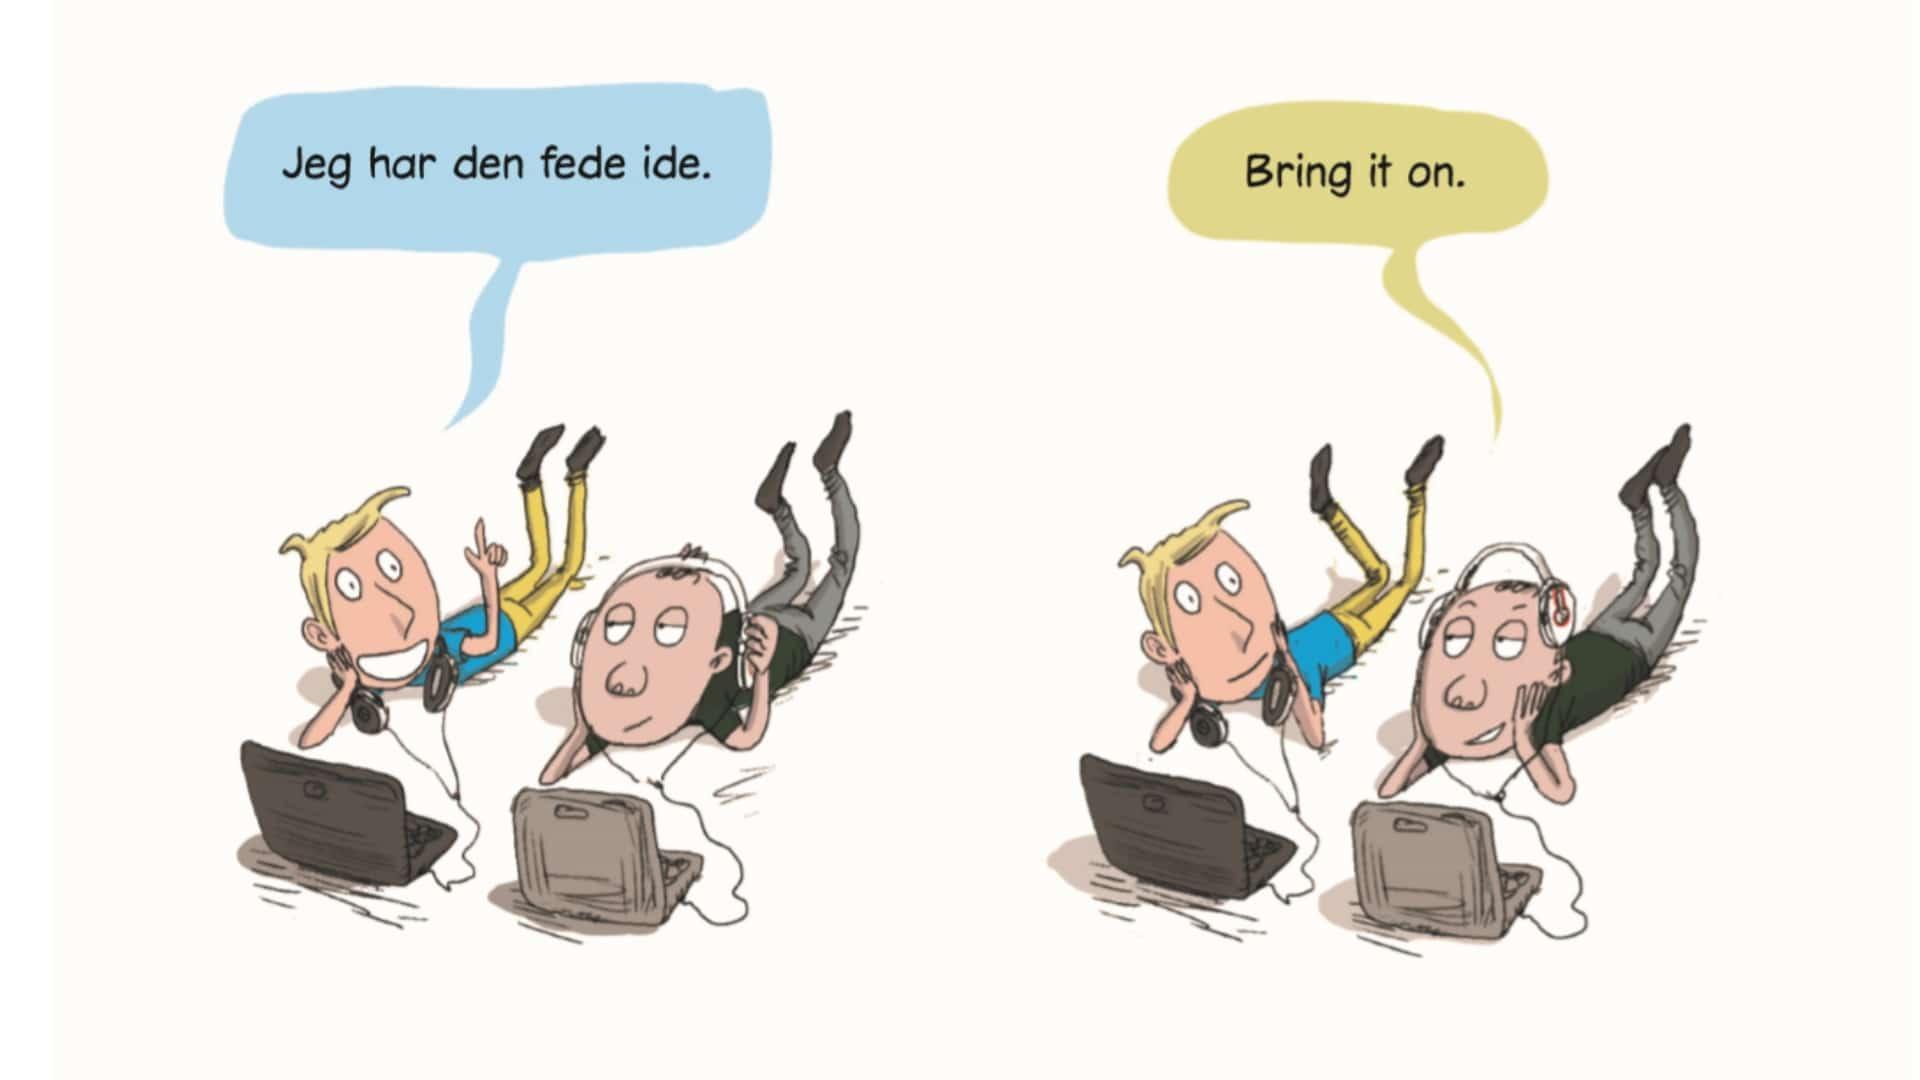 Mogens og Mahdi, mogens og Mahdi forever, tegneserie, tegneseriebog, børnebog, humor, Kim Fupz Aakeson, Rasmus Bregnhøi